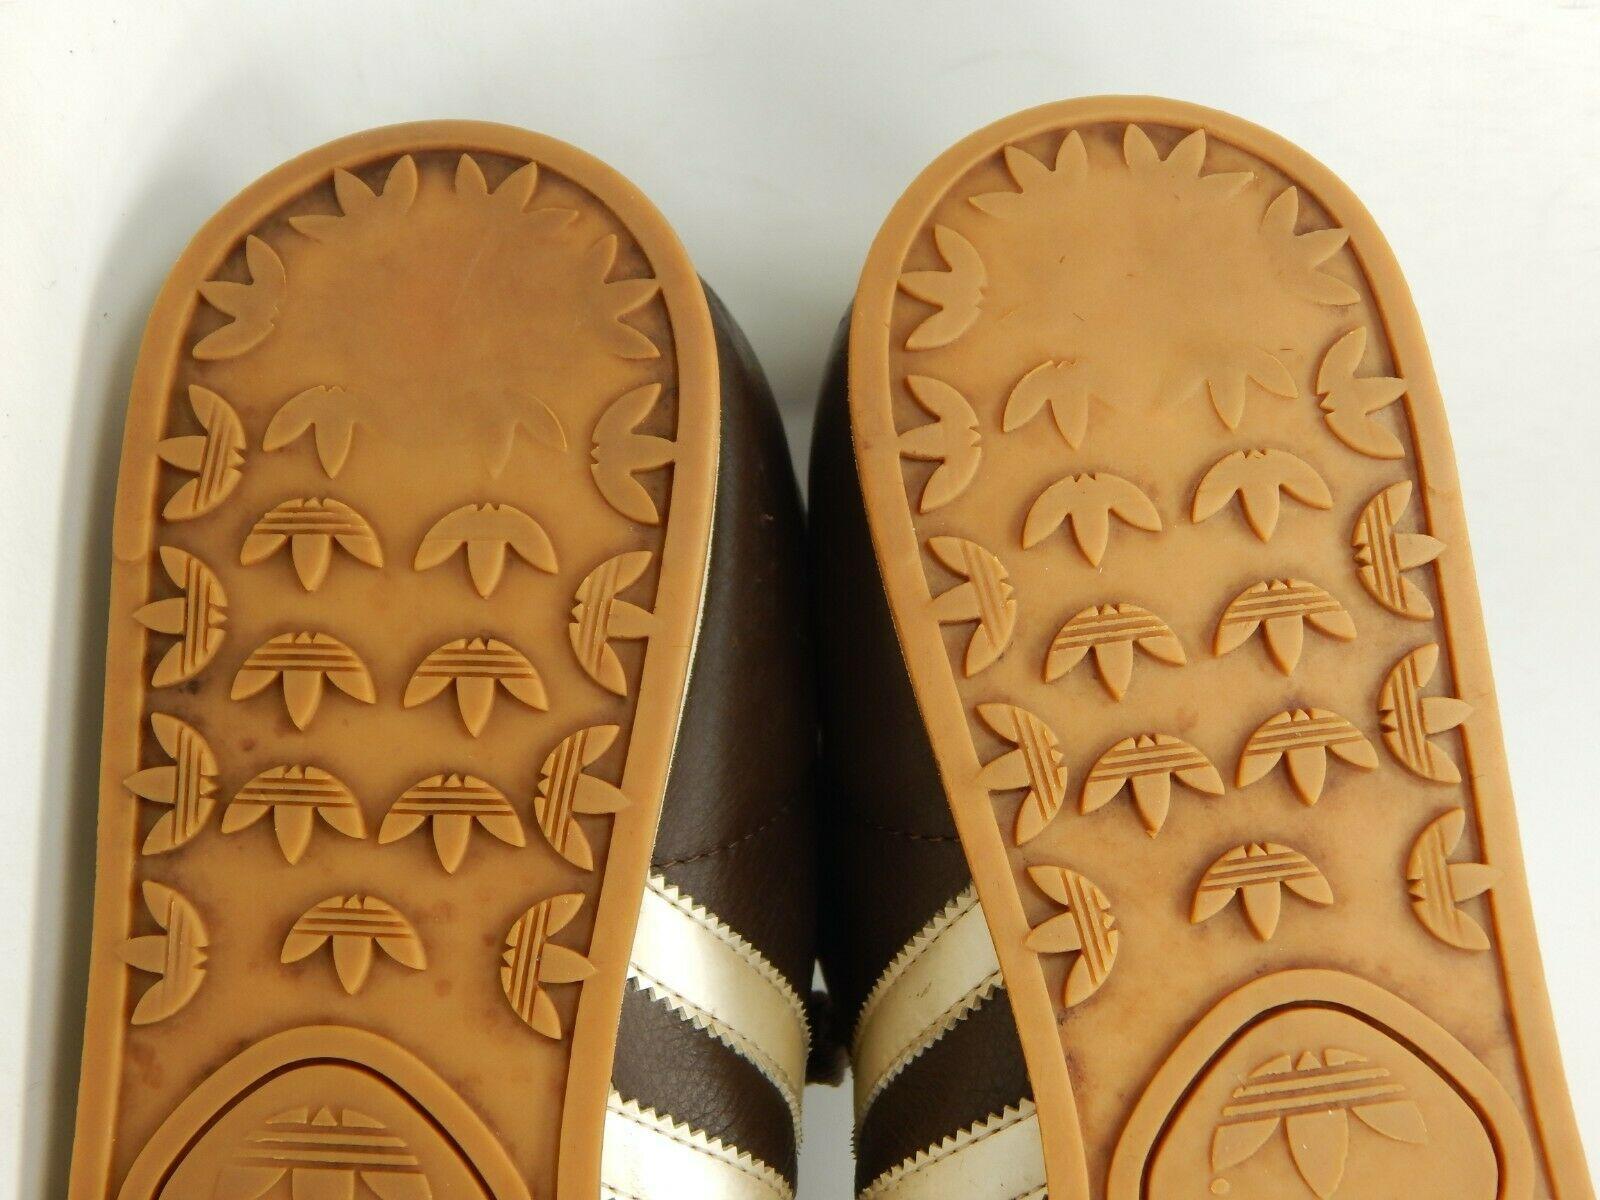 Adidas Samoa Größe US 12 M (D) Eu 46 2/3 Herren Freizeit Turnschuhe Braune image 9